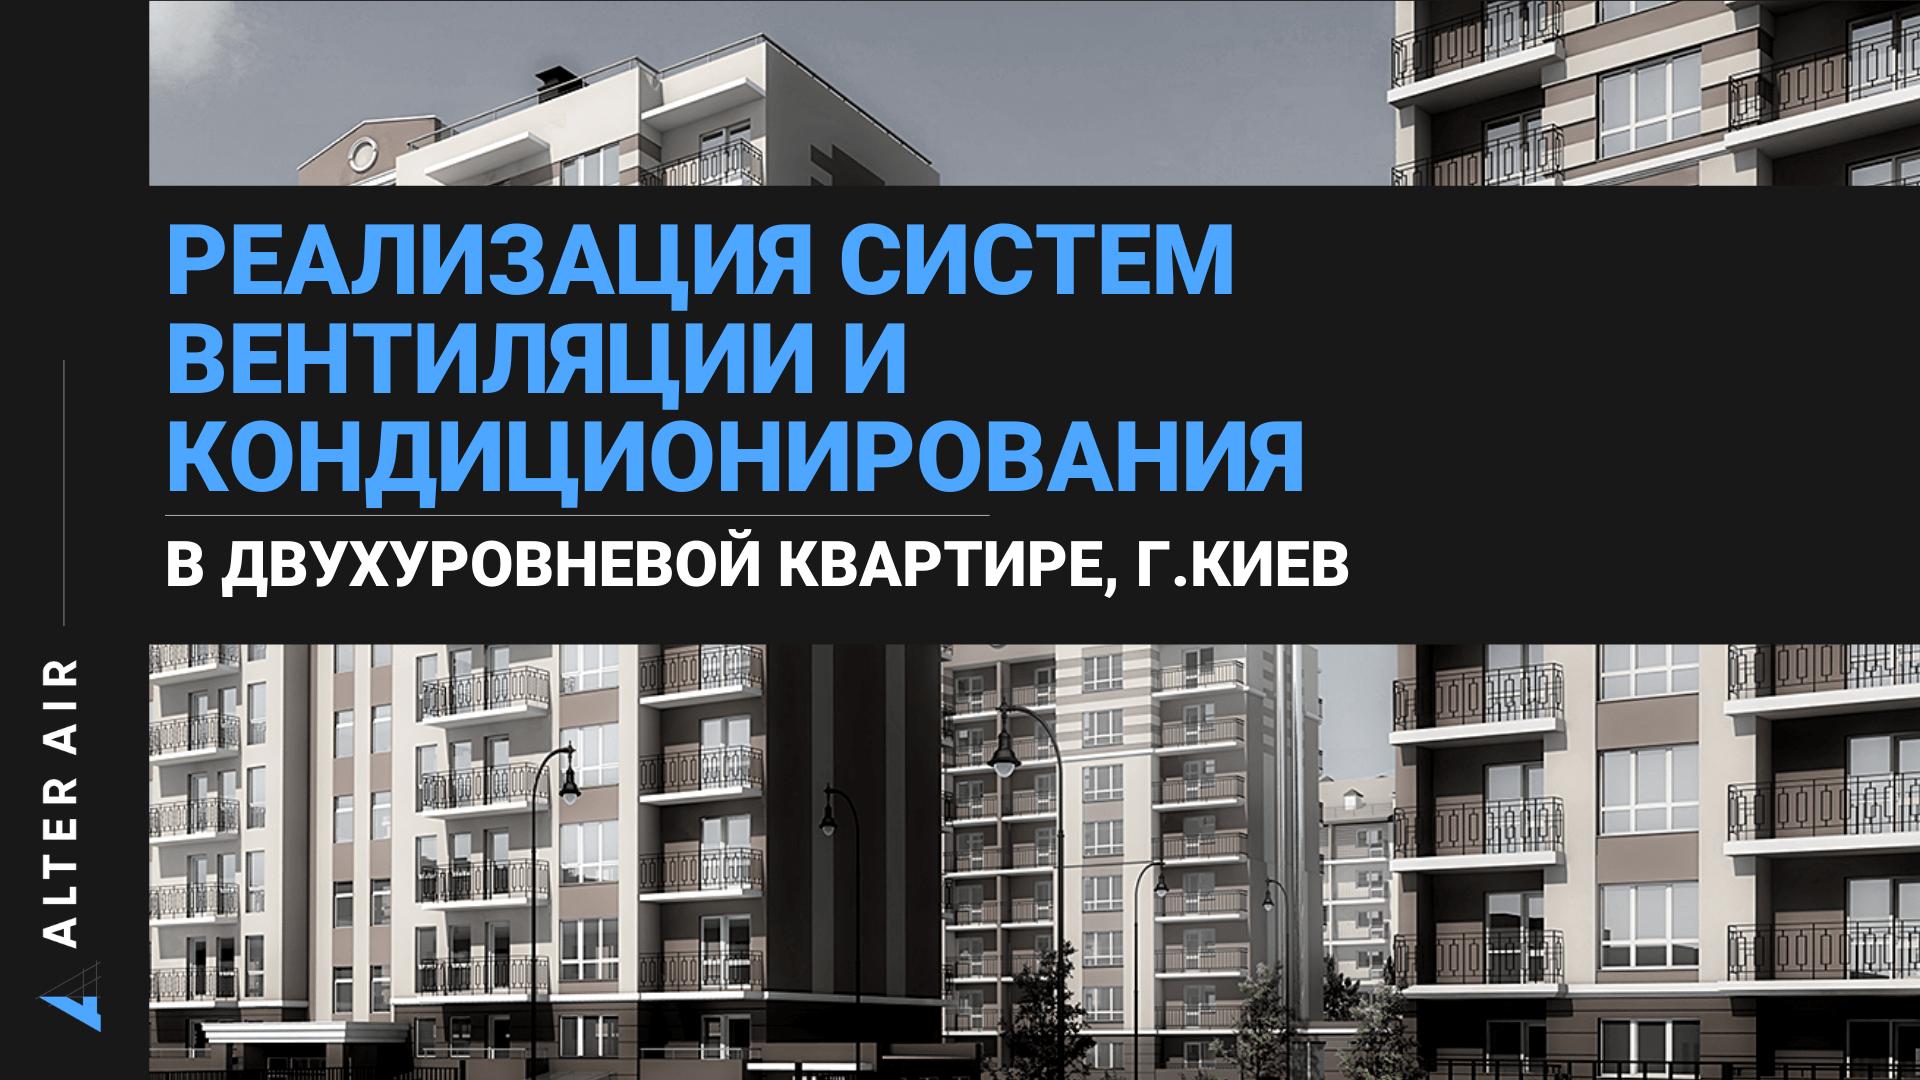 Реалізація систем вентиляції та кондиціонування у дворівневій квартирі по вулиці Метрологічна